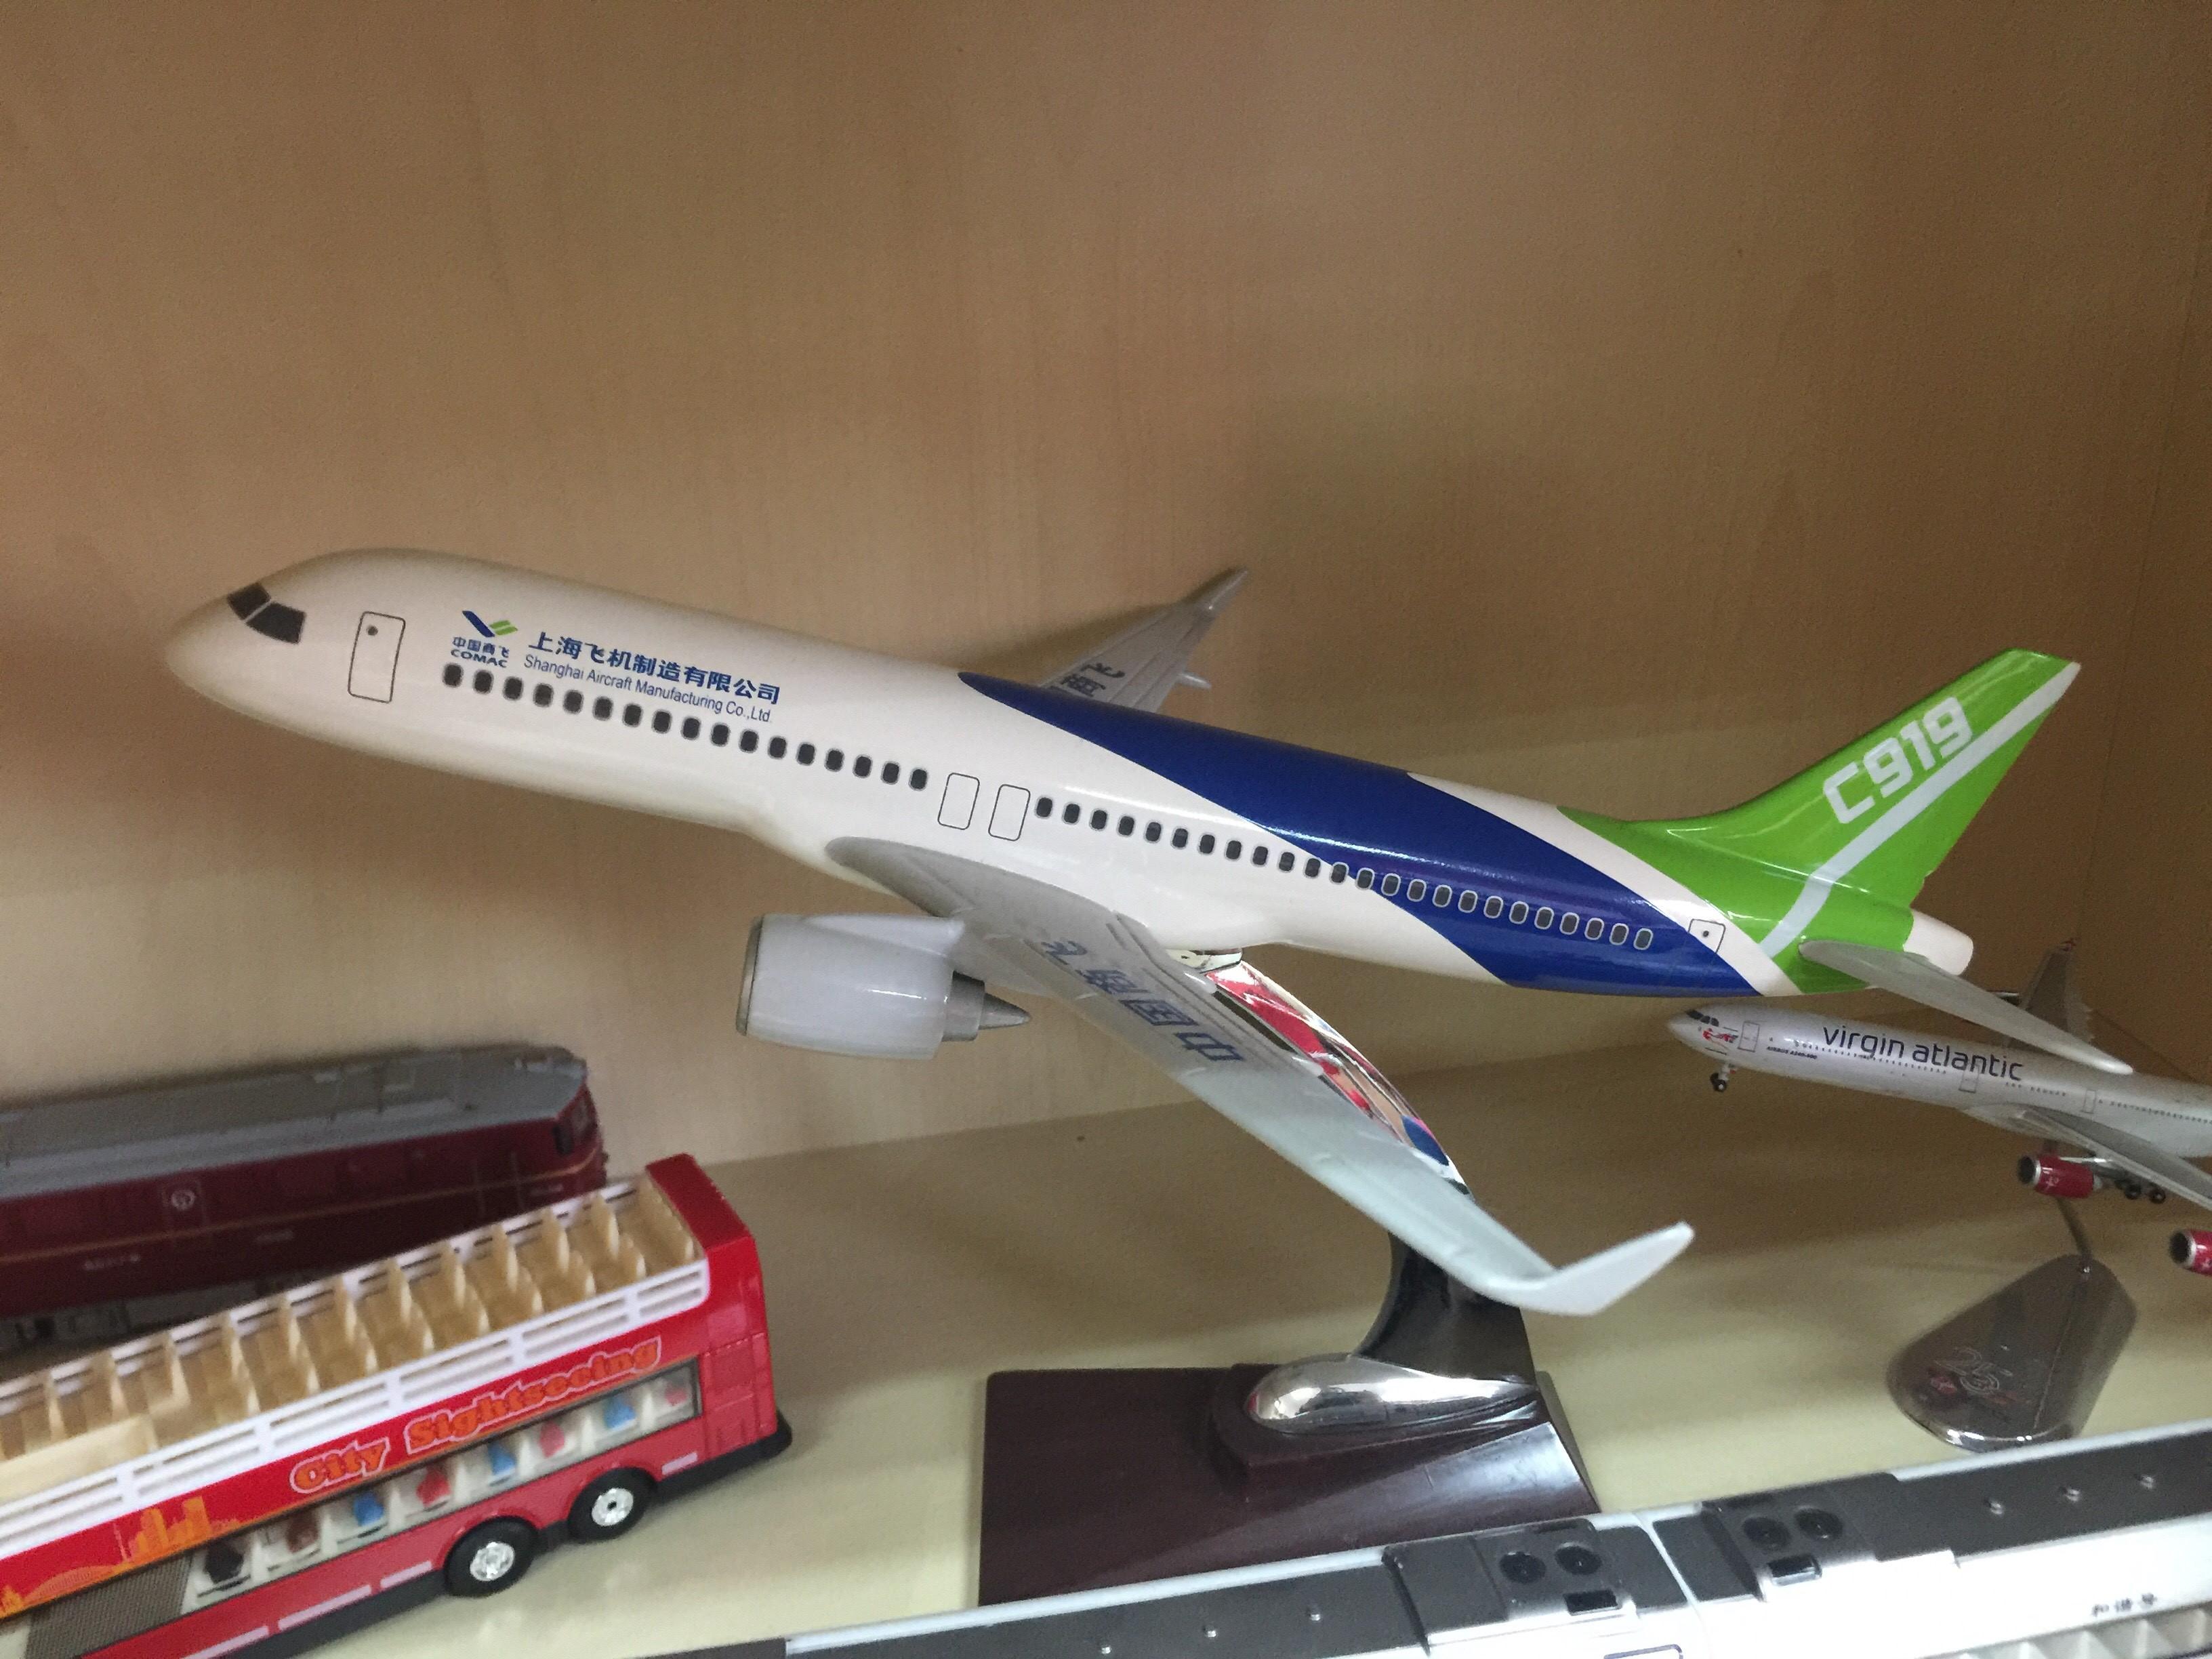 CAPAStudyAbroad_From Colin Speakman - C919 Model in CAPA Shanghai Office.jpg